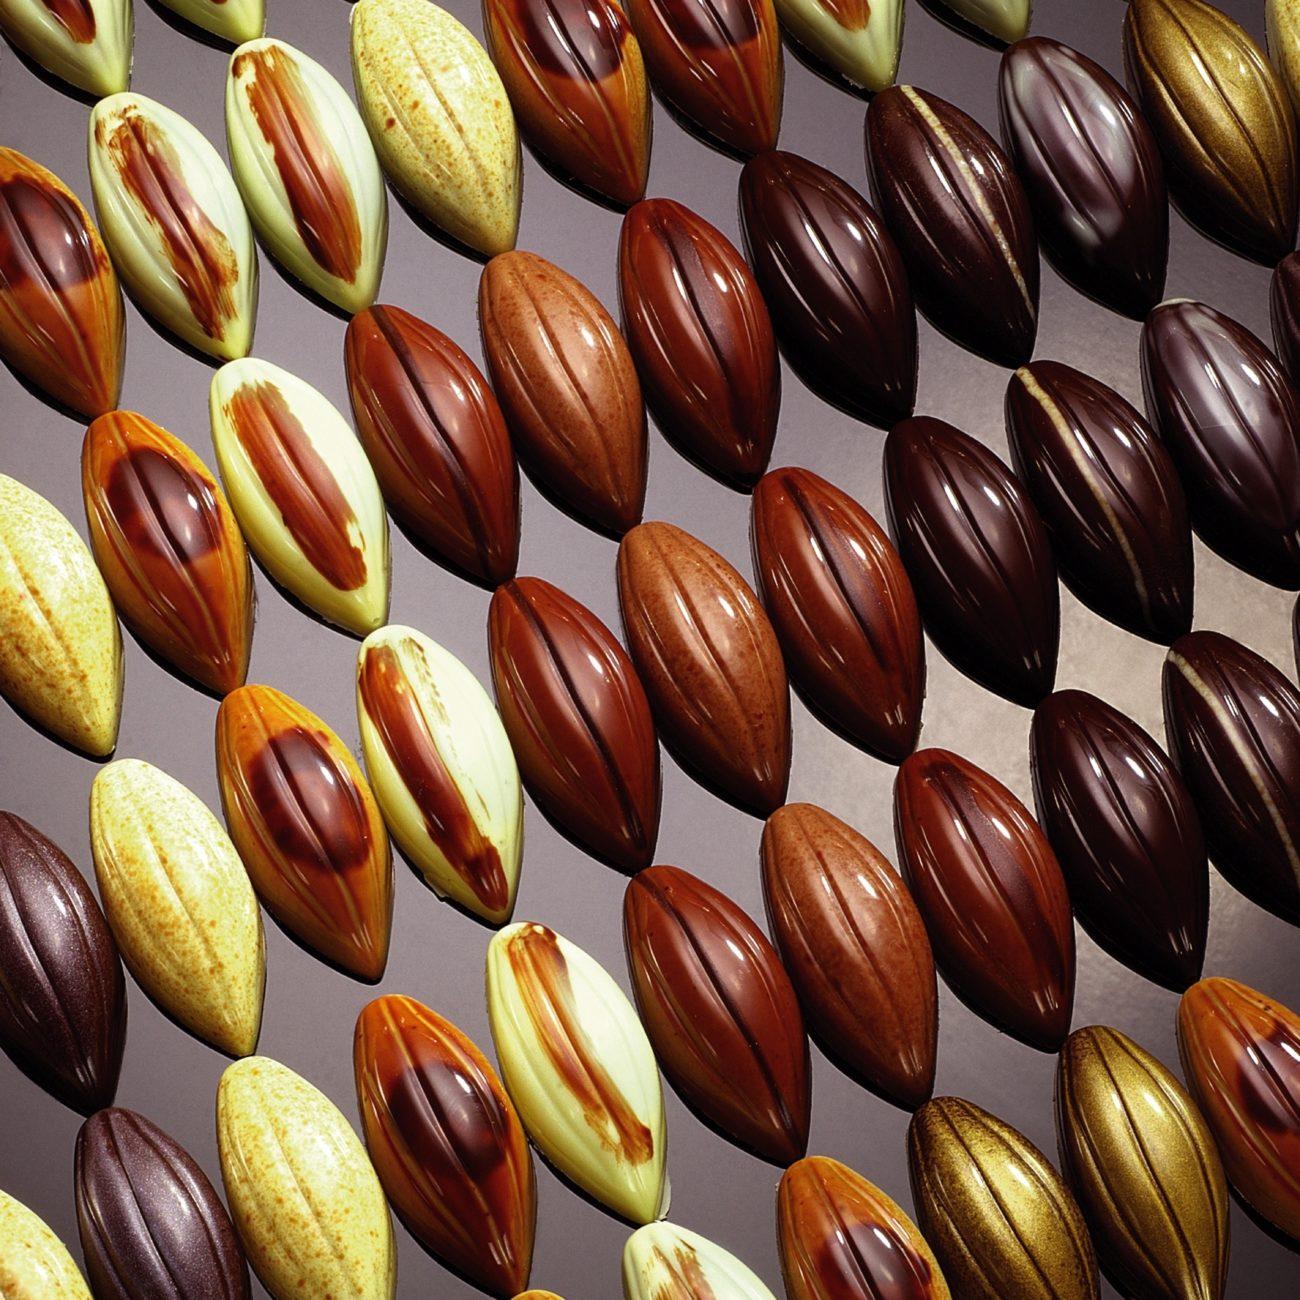 Hablar de chocolate, bombones y tartas es sinónimo de